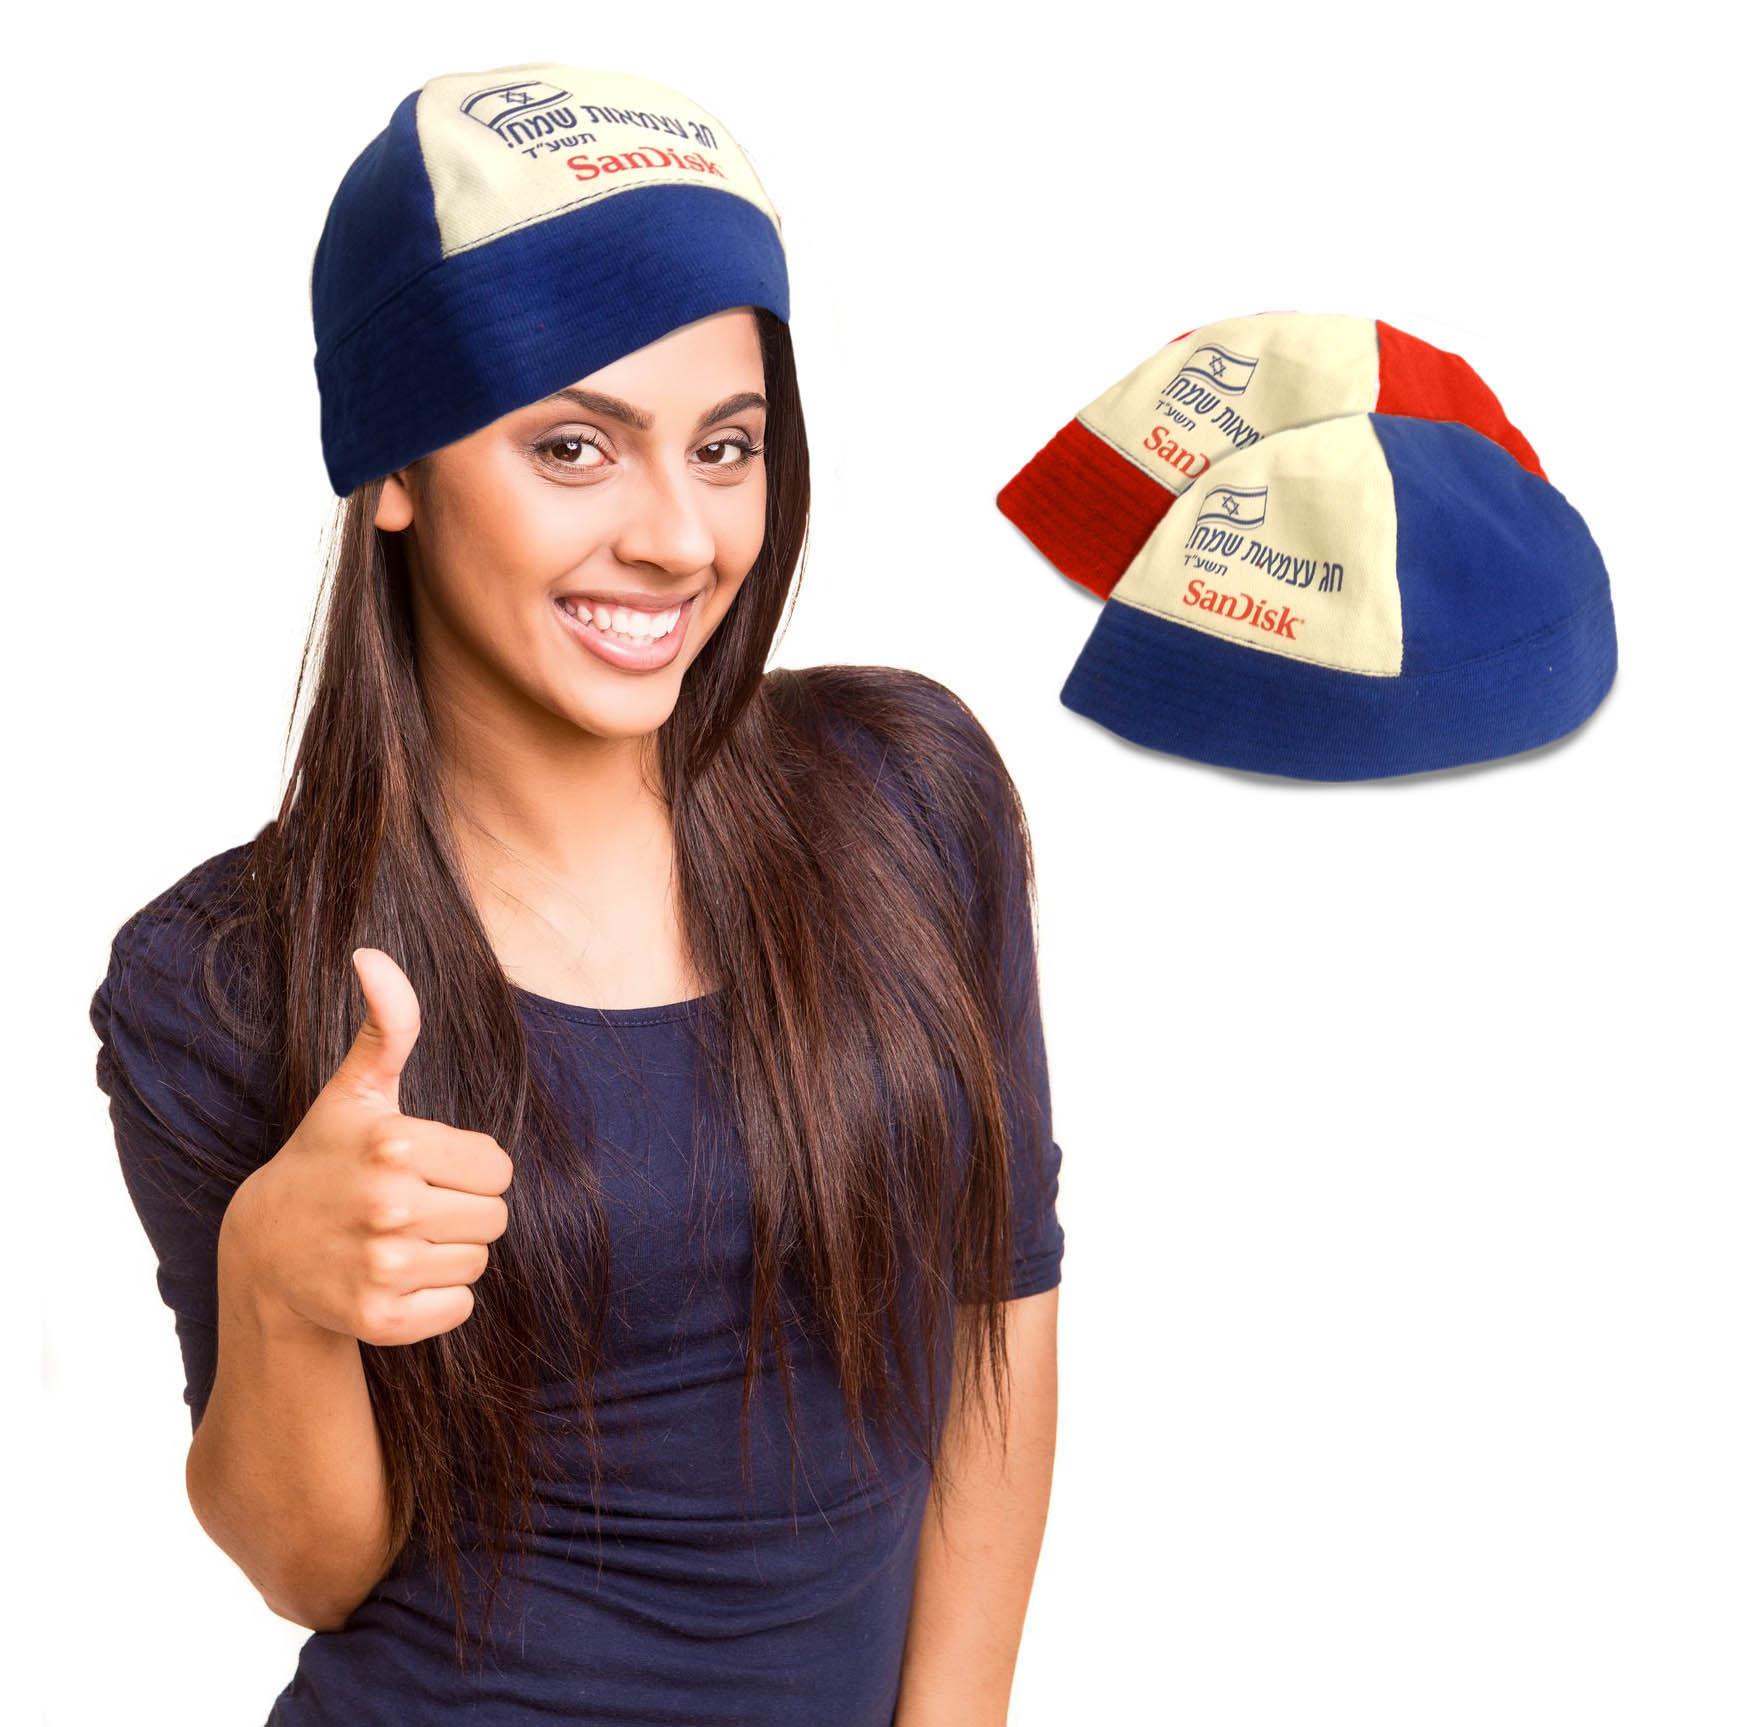 שונות מתנות ליום העצמאות : כובע טמבל להדפסה SA-34